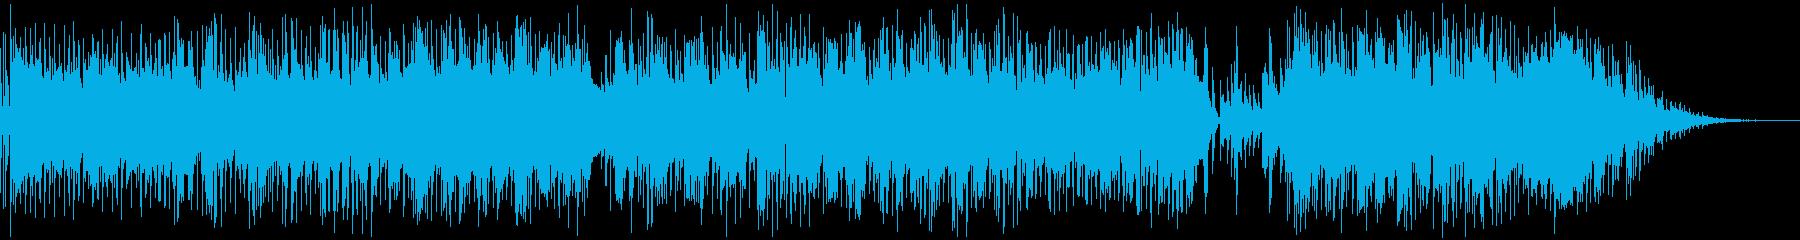 スローテンポで流れるポップフォーク...の再生済みの波形